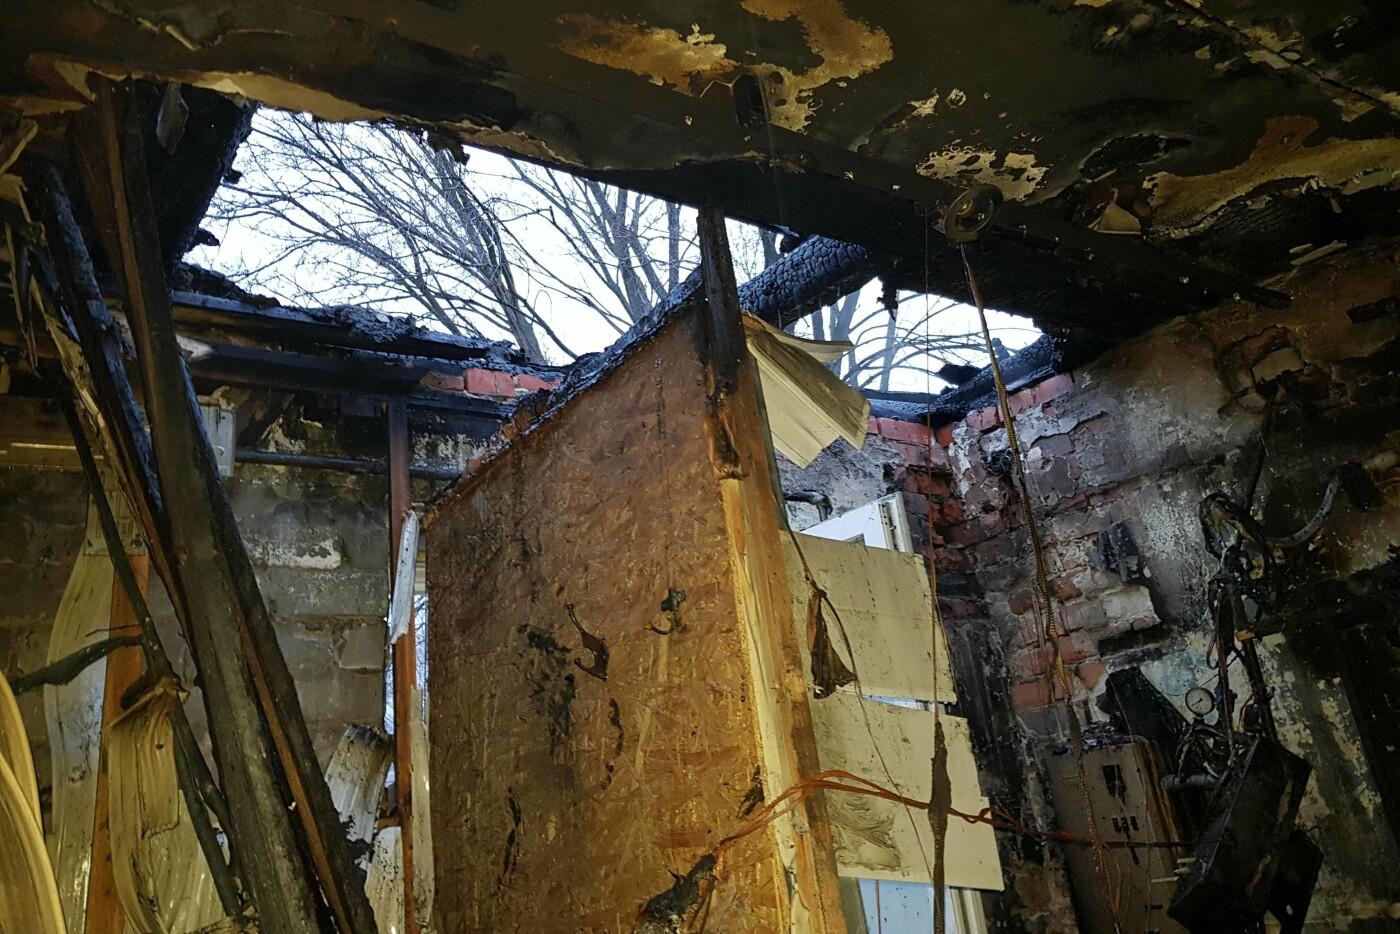 Под Харьковом спасатели тушили масштабный пожар в магазине, который загорелся из-за короткого замыкания, - ФОТО, фото-4